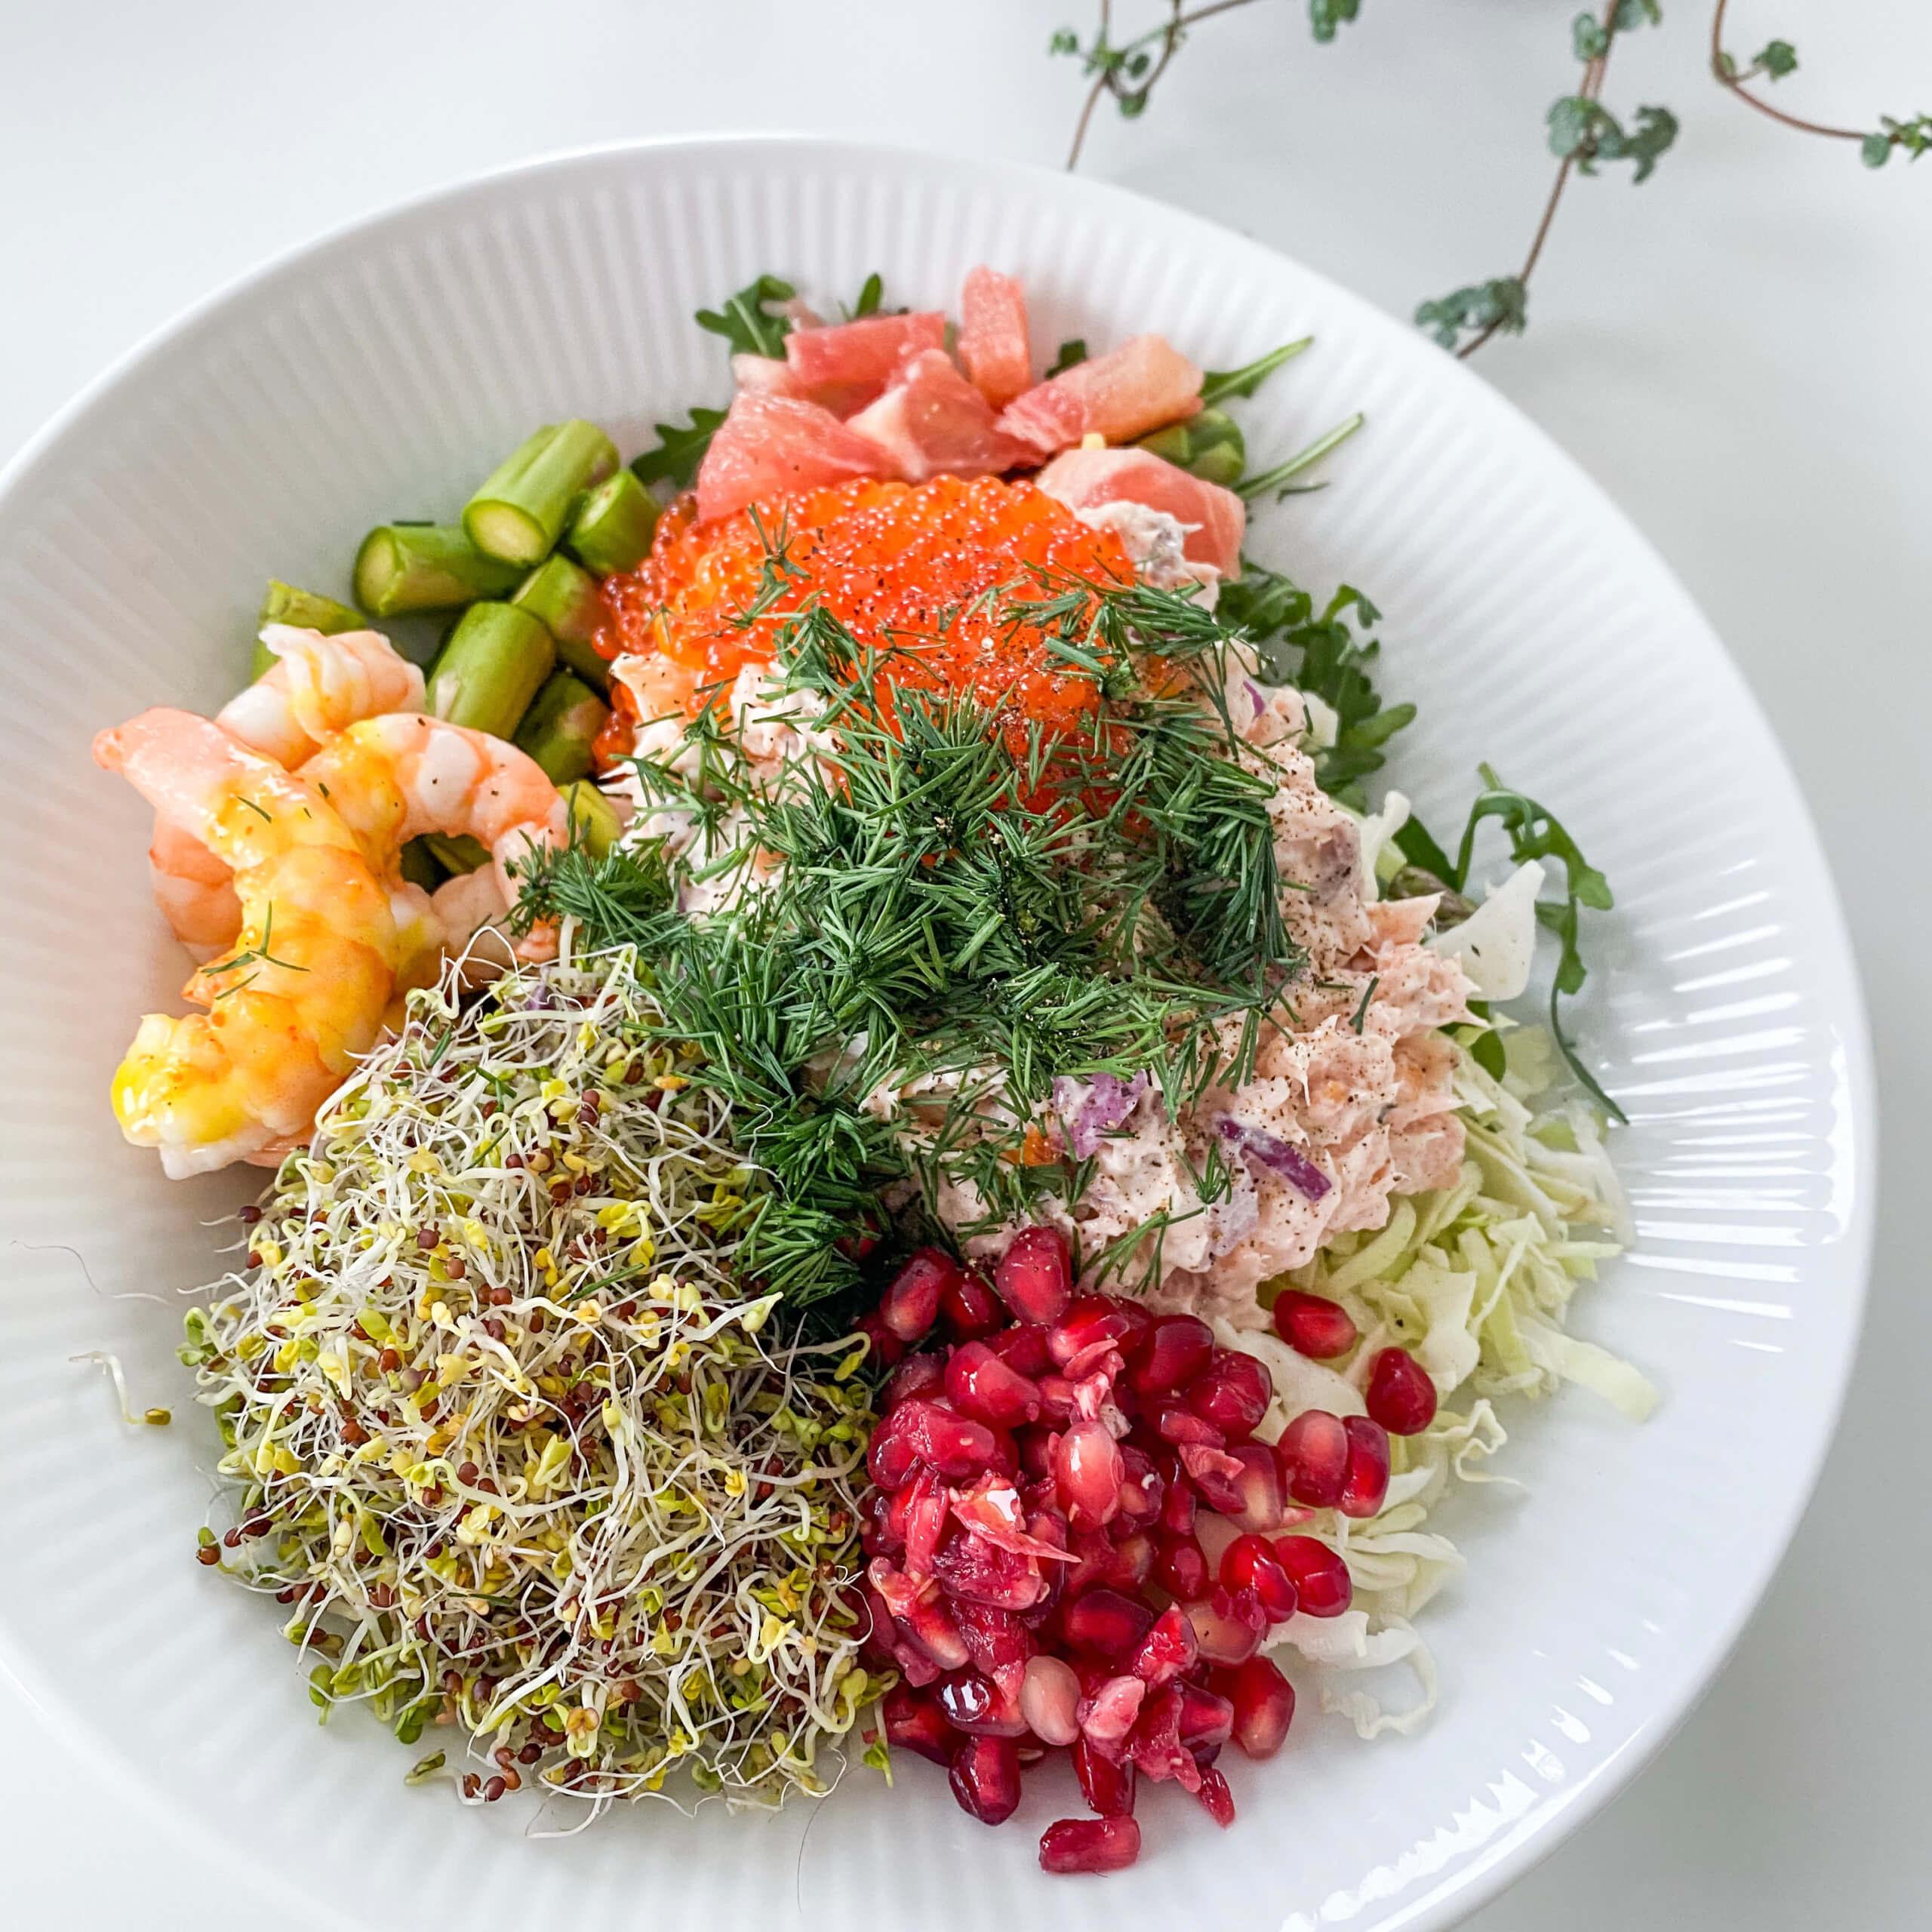 Opskrift | Salat med laks og rejer